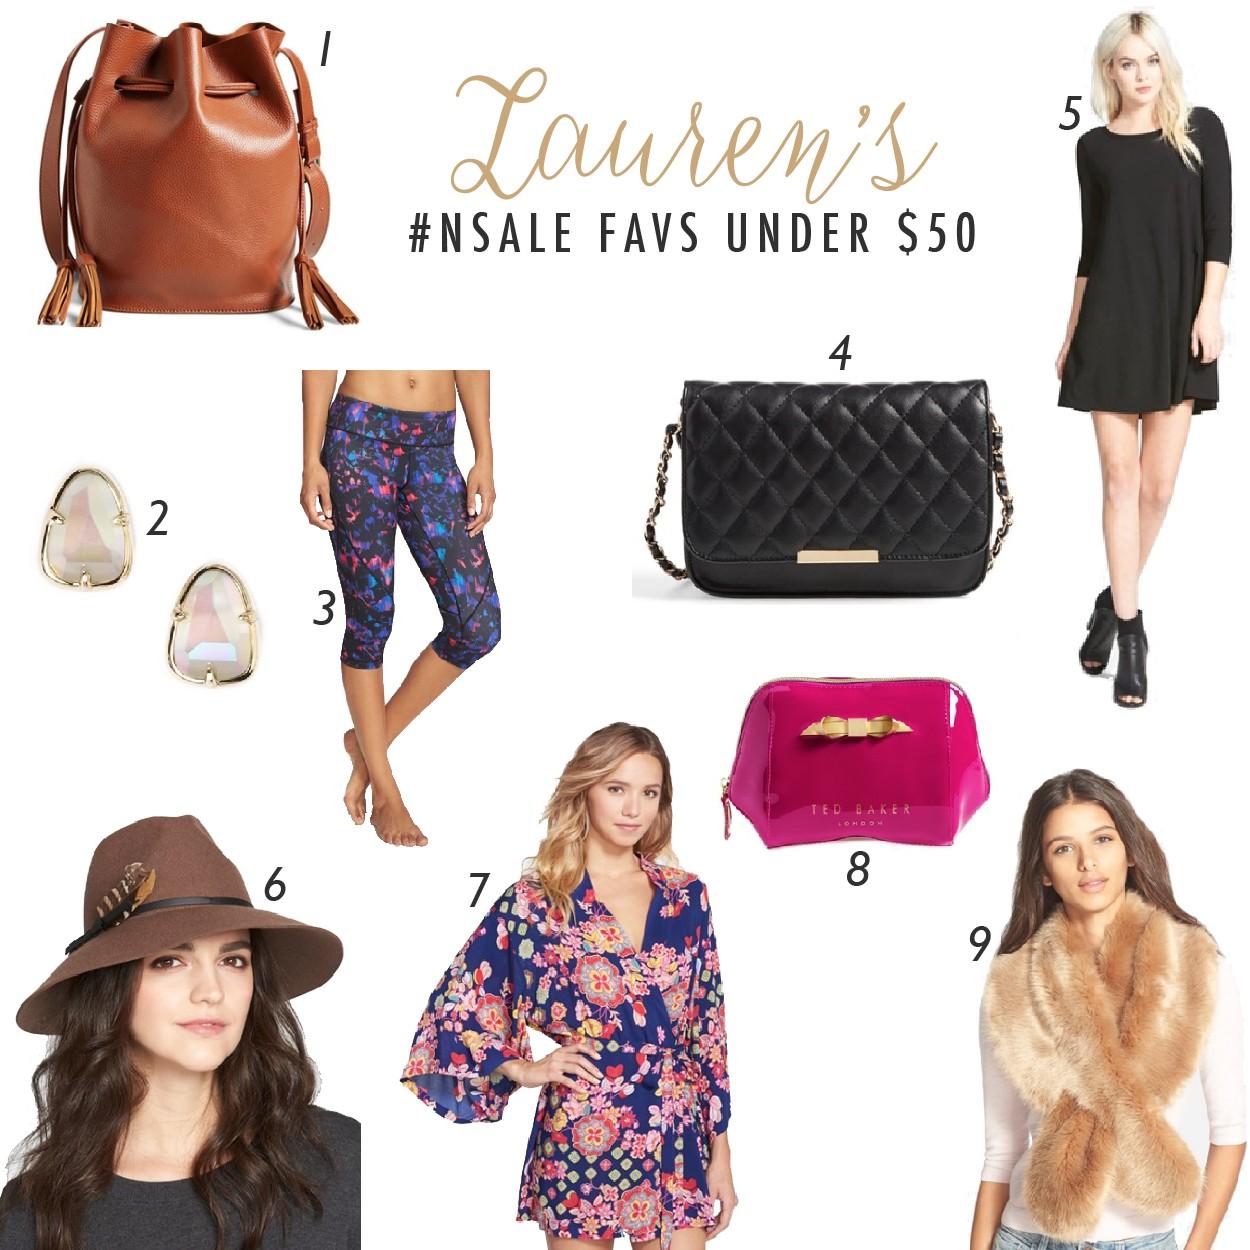 ad486b2510a8 nsale favs under  50 — Atlanta Fashion Blogger - Edit by Lauren